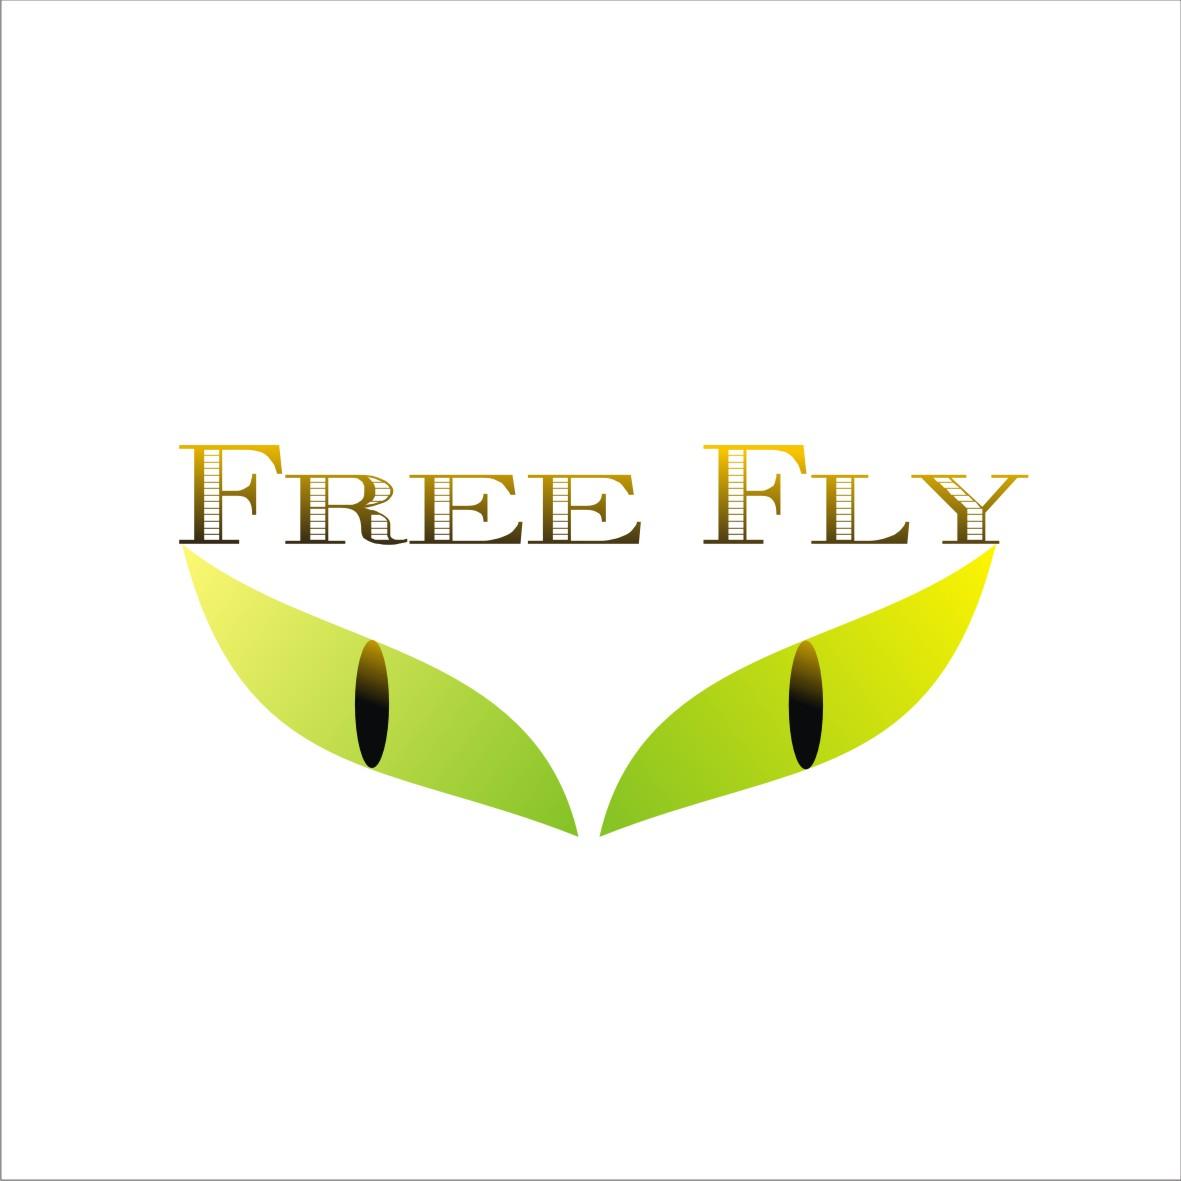 Логотип для общественного интернет-телевидения FreeFly фото f_4f977bc7c7e6a.jpg